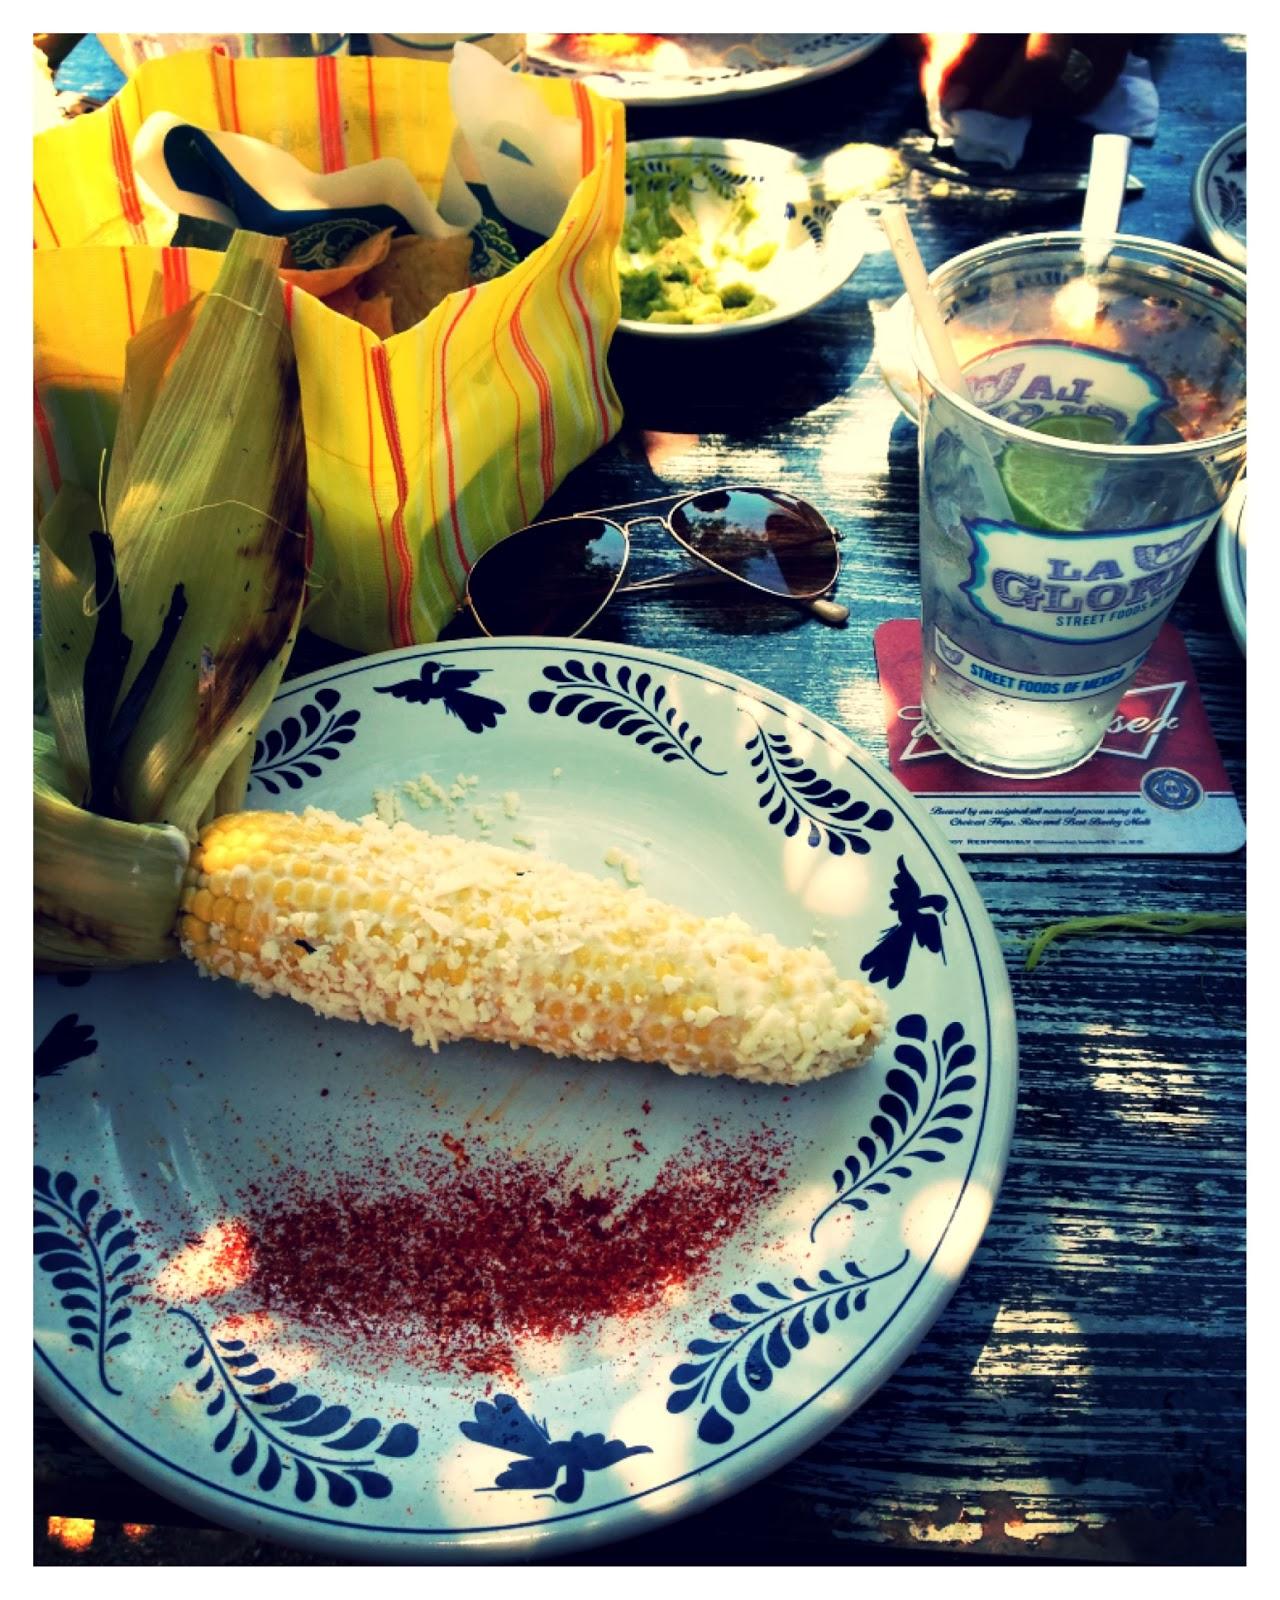 la gloria corn food